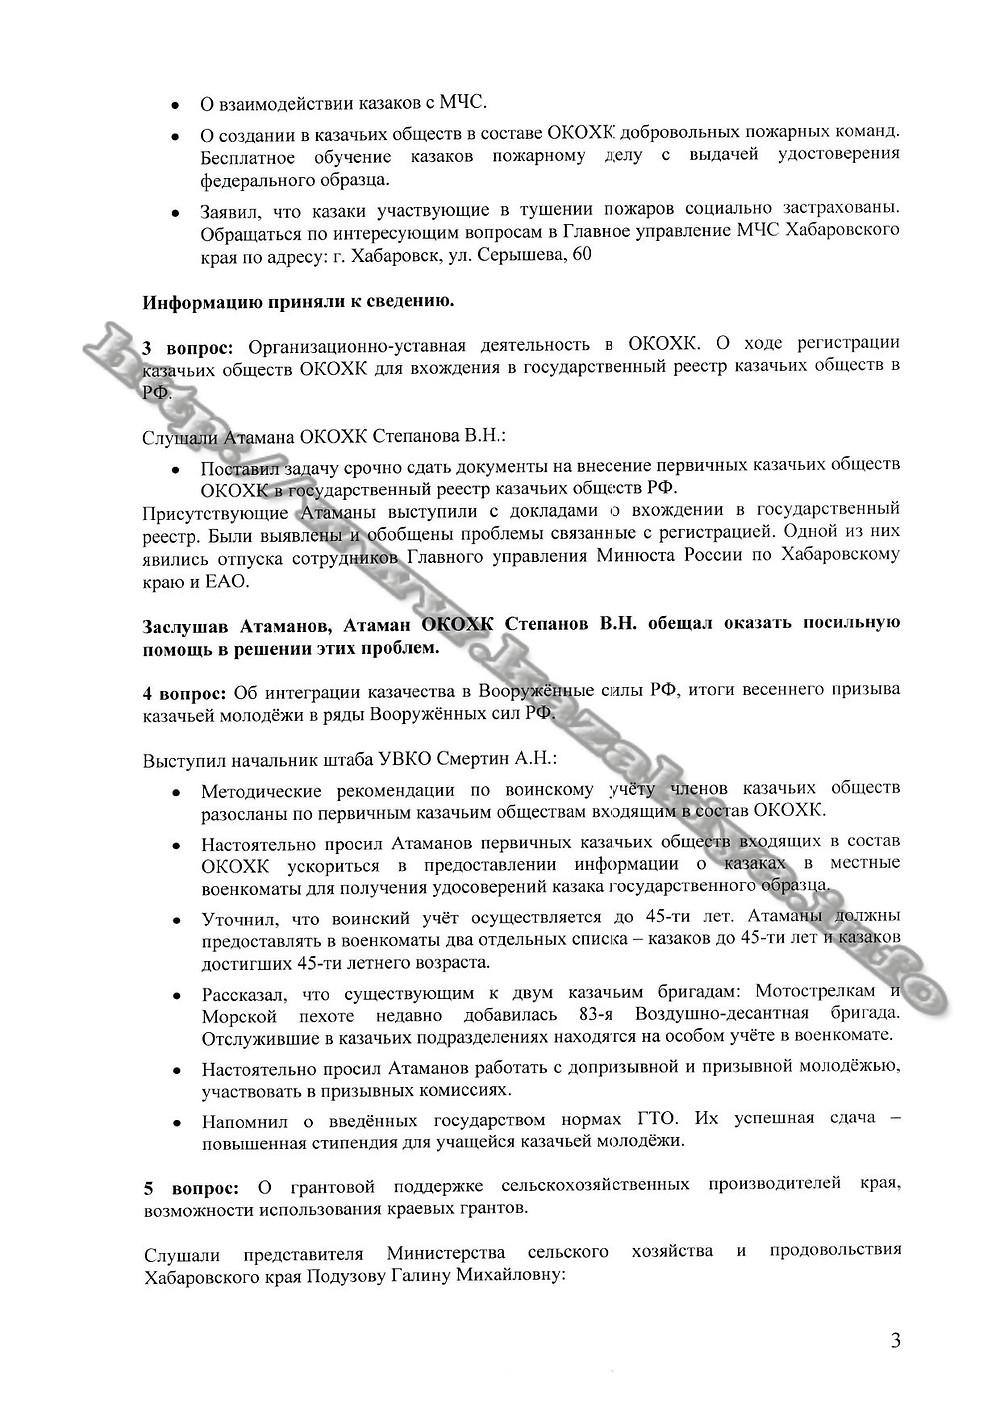 Протокол-Совета-Атаманов-ОКОХК-20.08.14-страница3.jpg